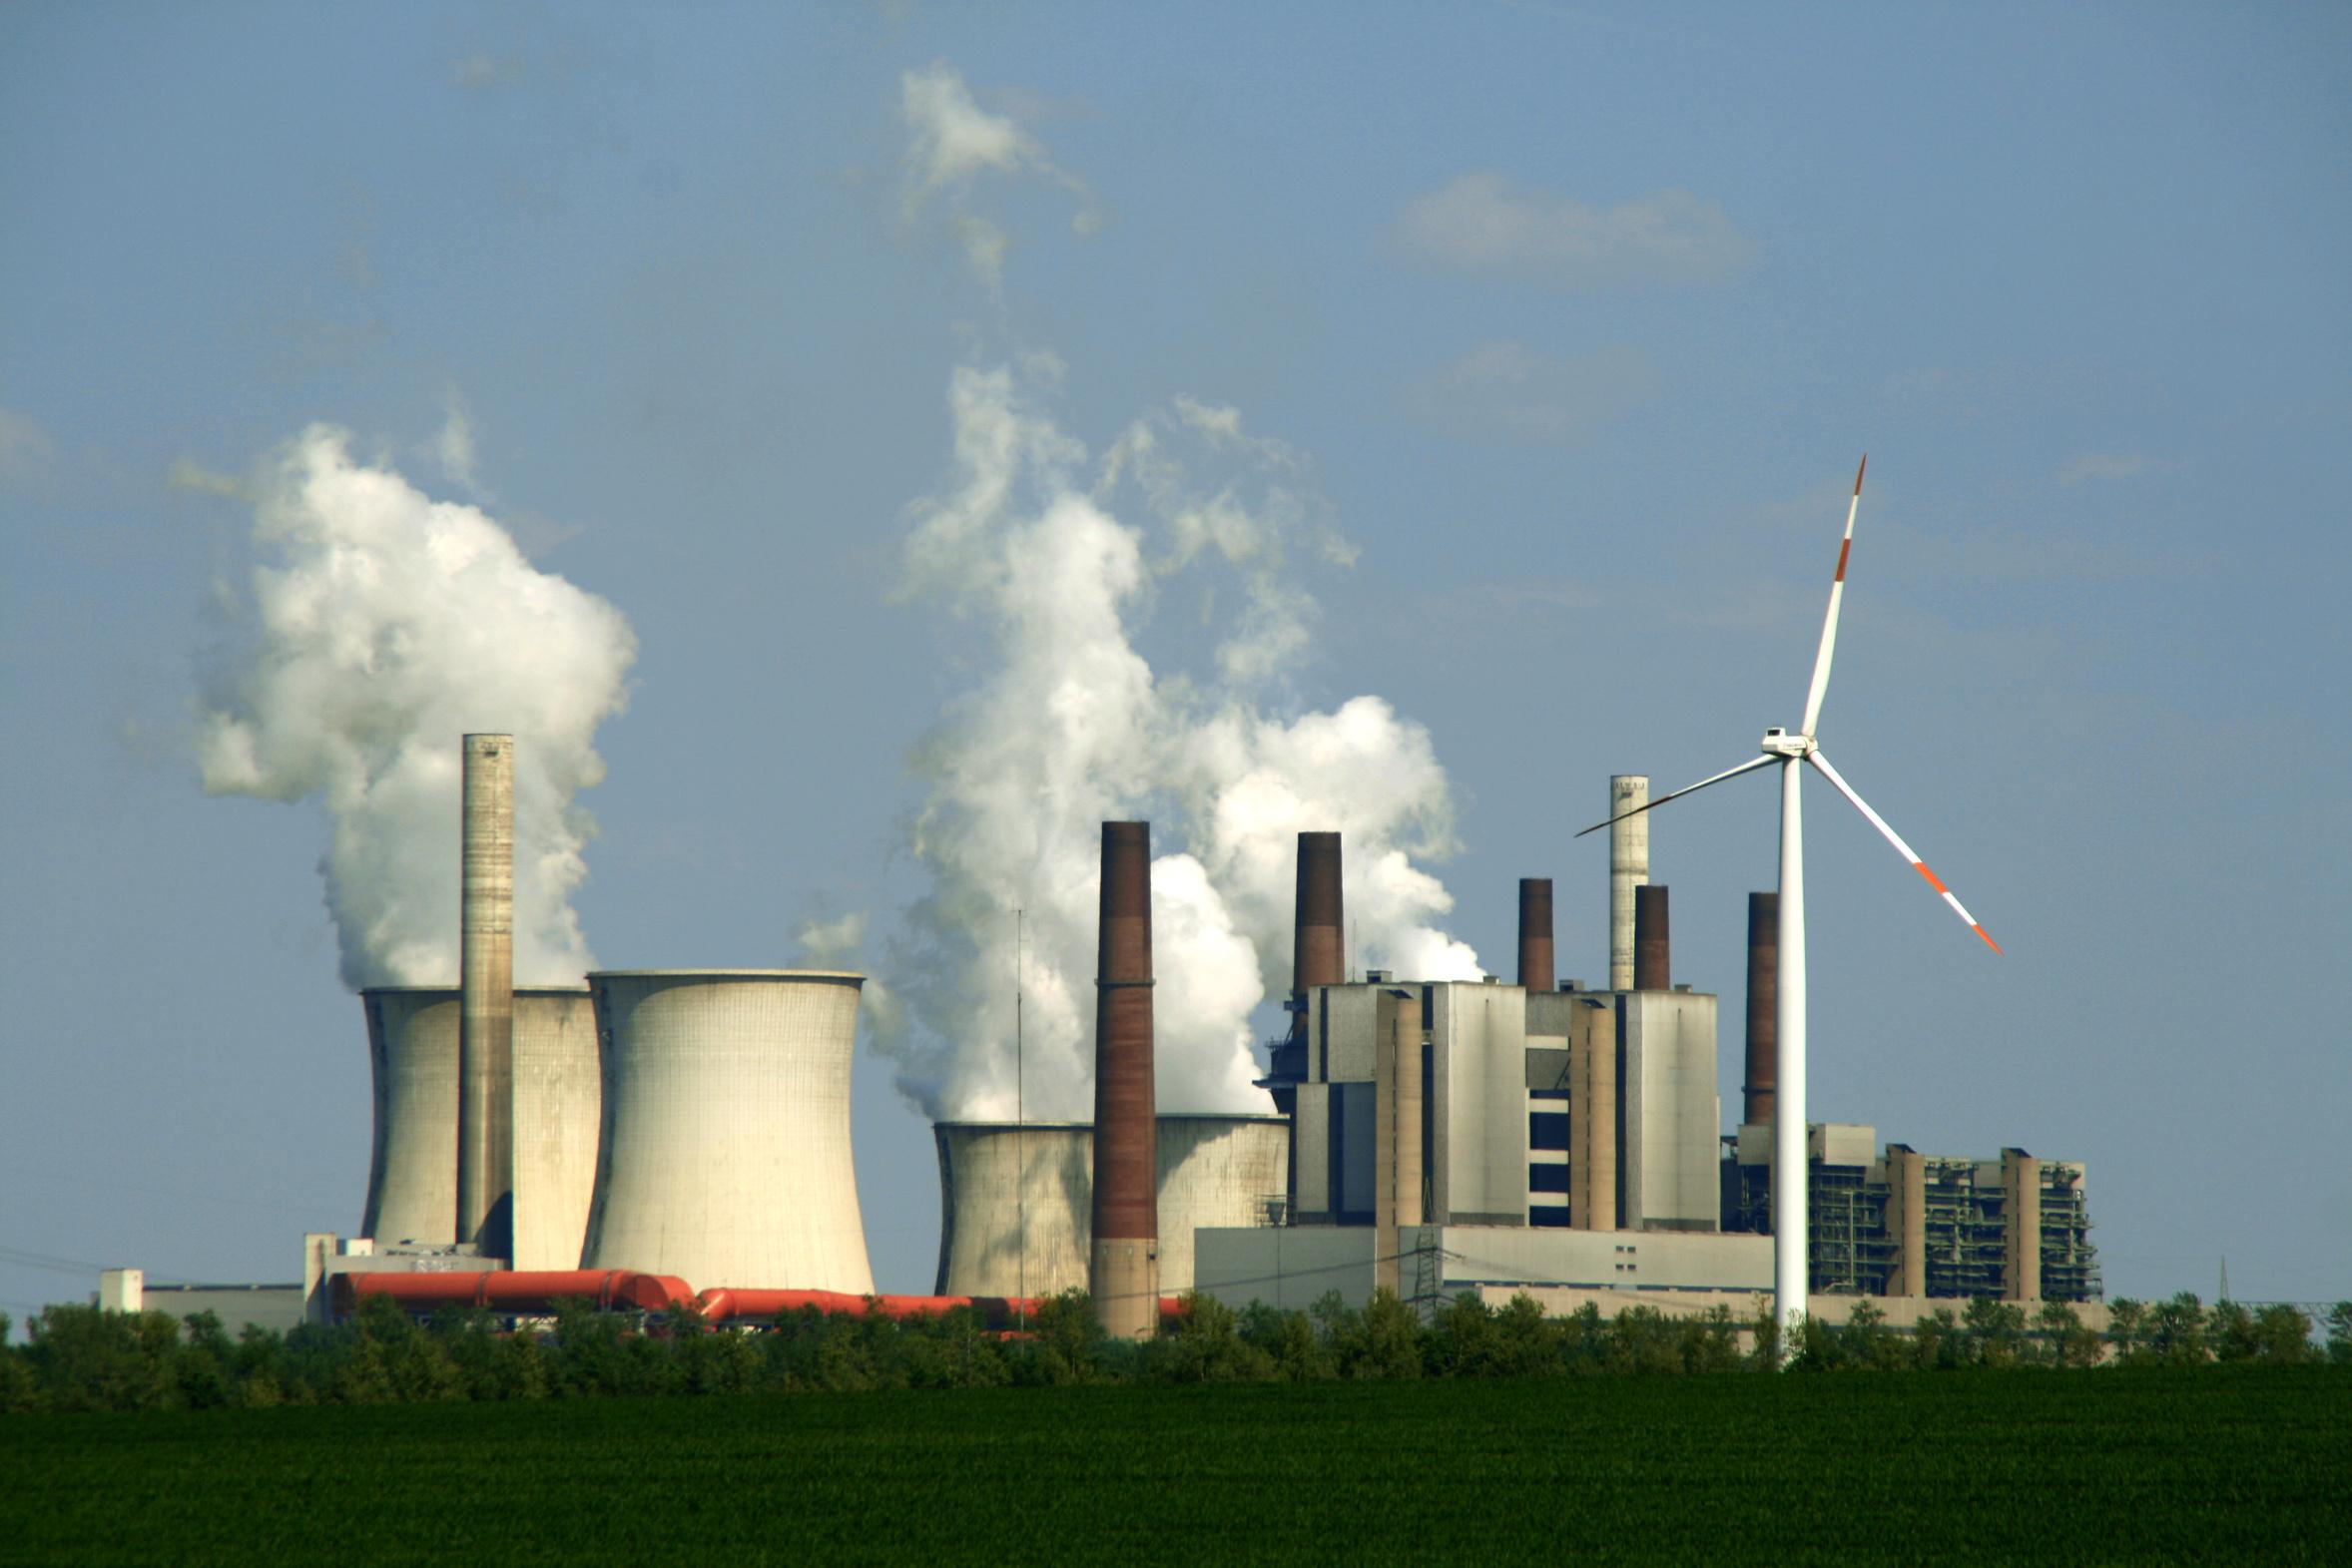 Als nachhaltig beworbene ETFs enthalten auch Aktien von Kohleunternehmen. / Foto: Chris74, Fotolia